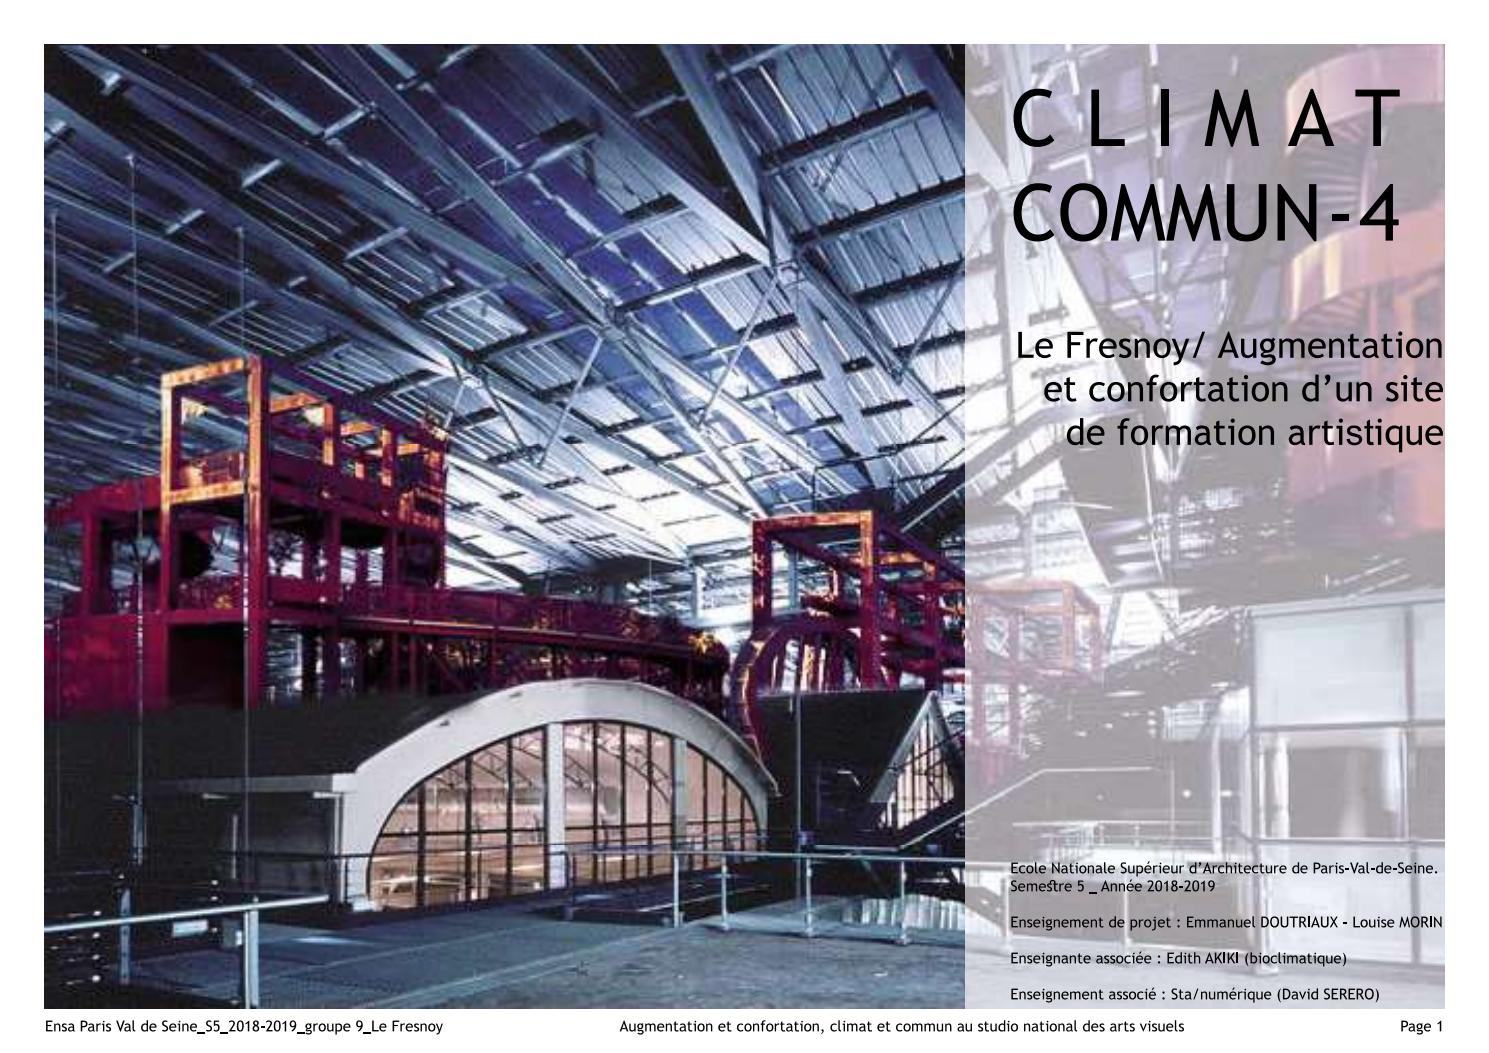 Ensa Paris Val De Seine ensa paris val de seine au fresnoy _ climatcommun (s5) 2019